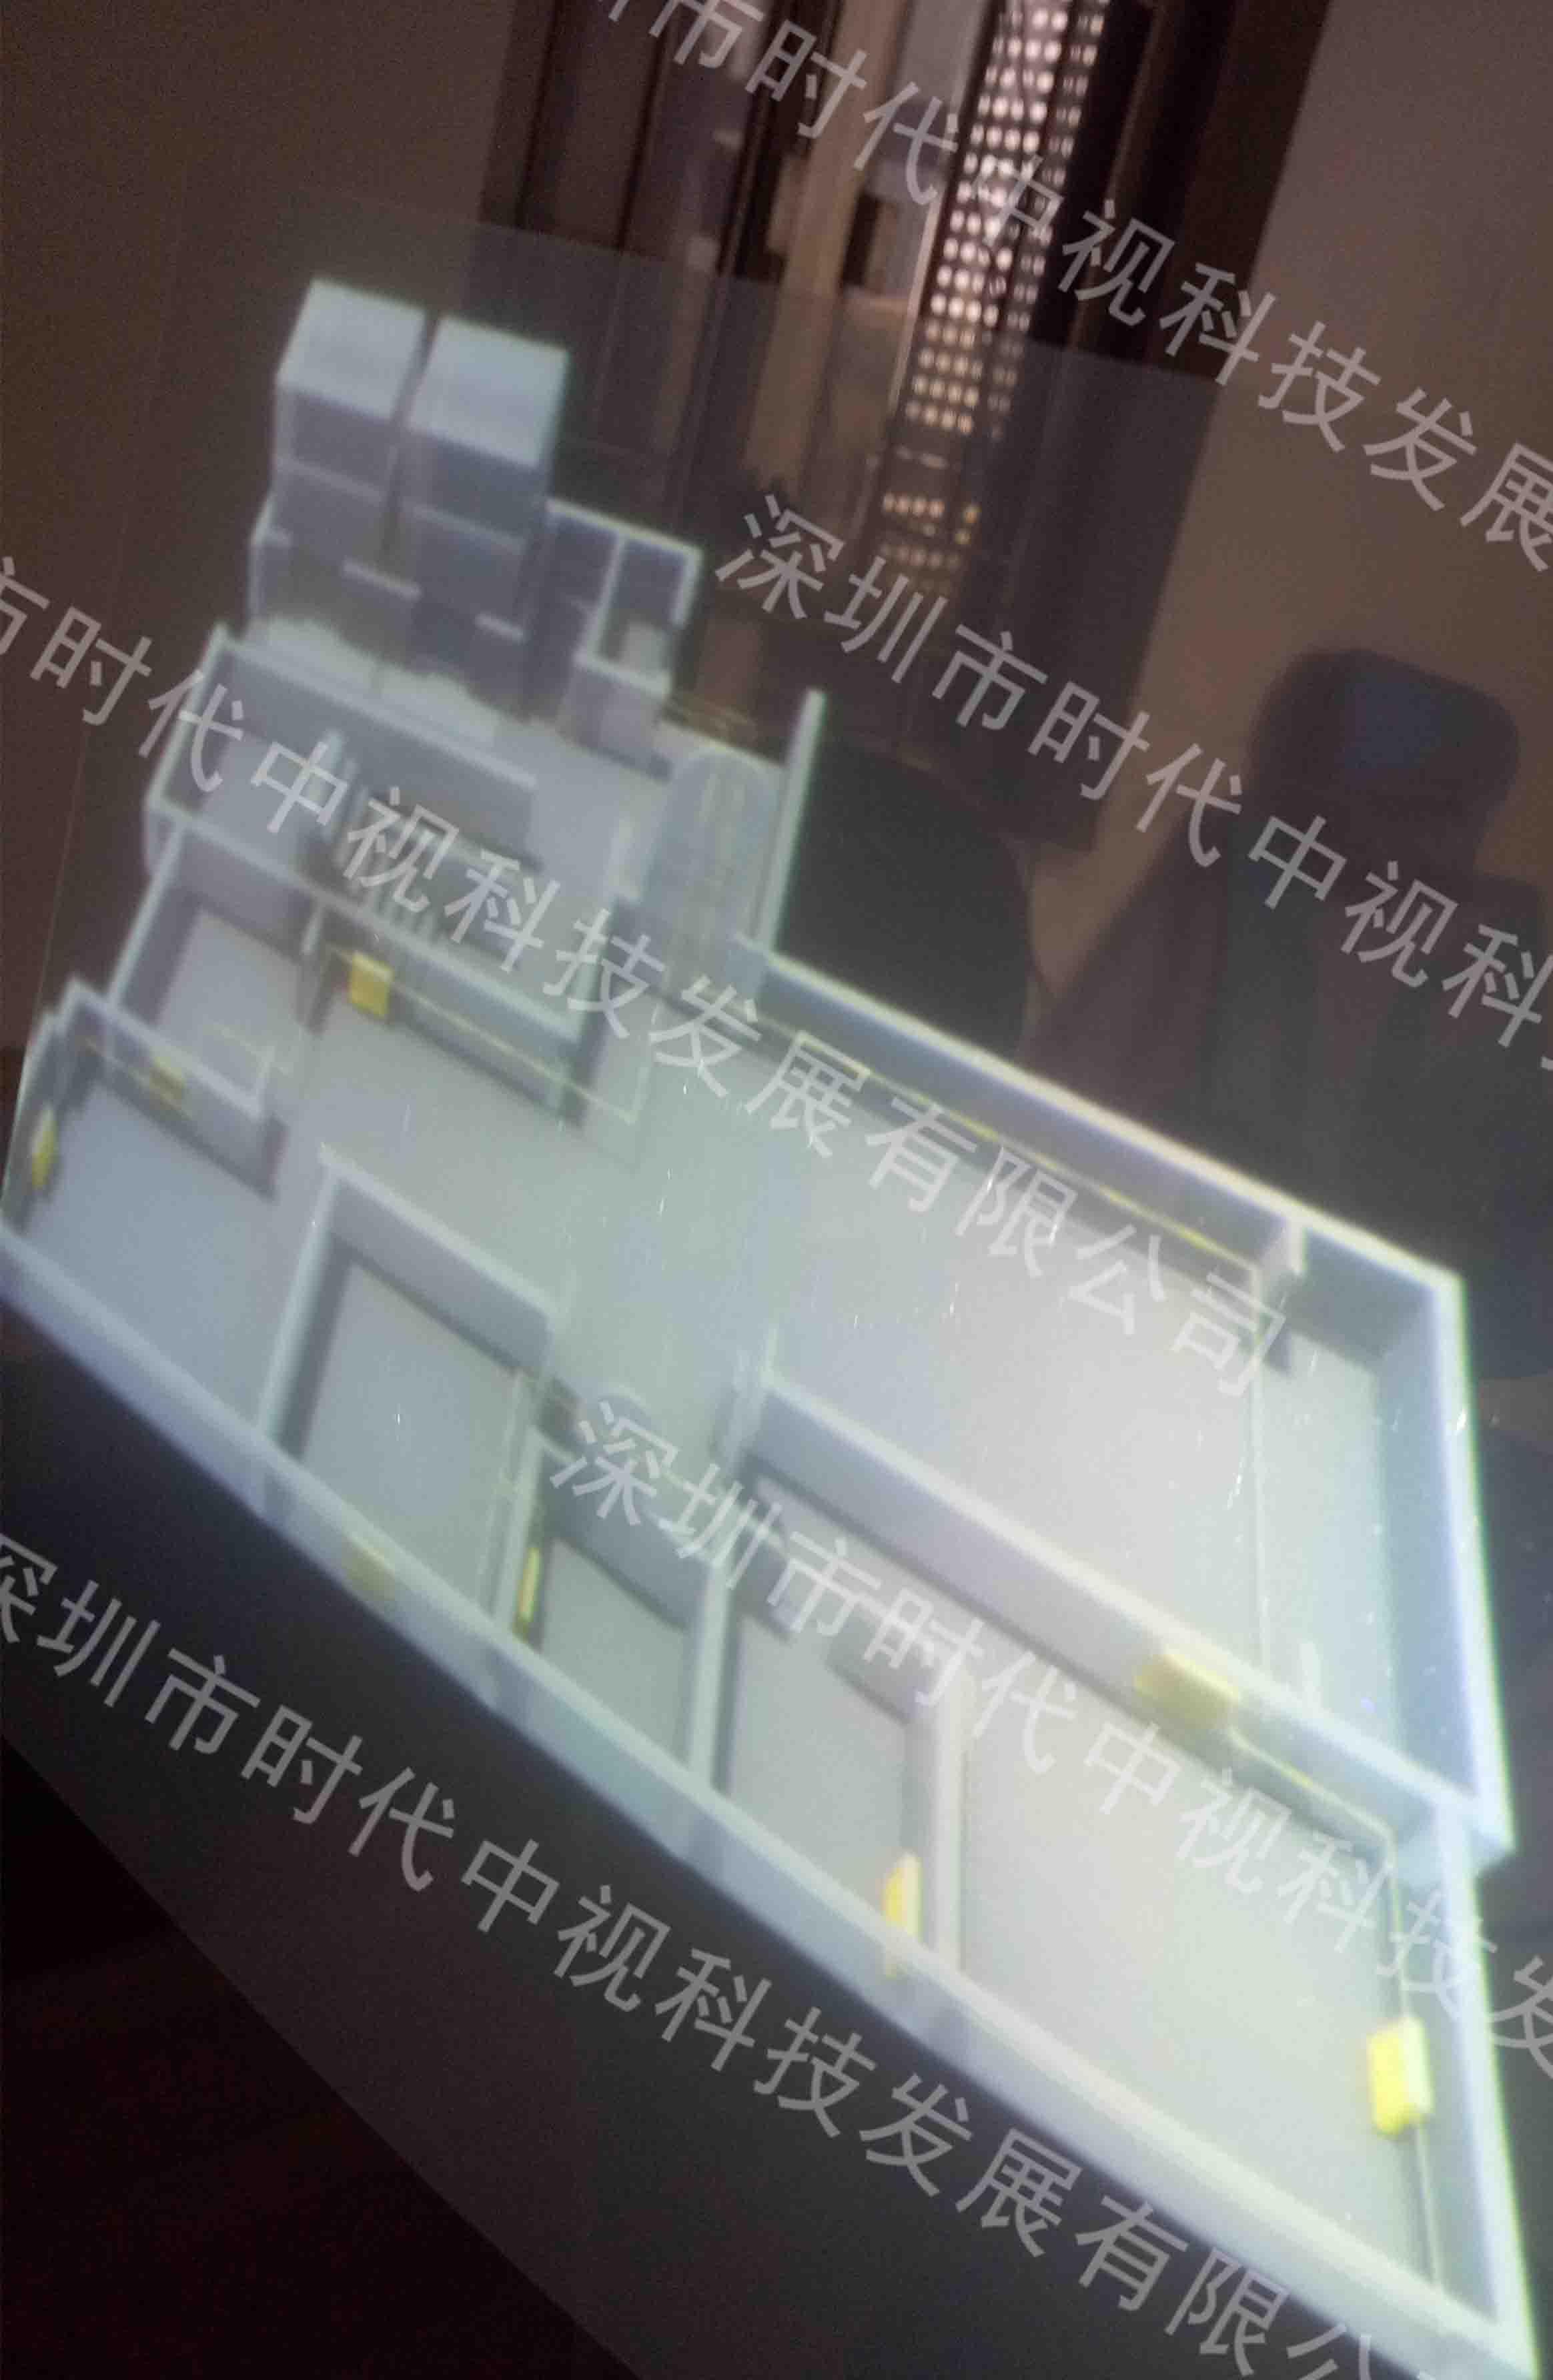 日本彩美中国总代理,全息正投透明膜批发